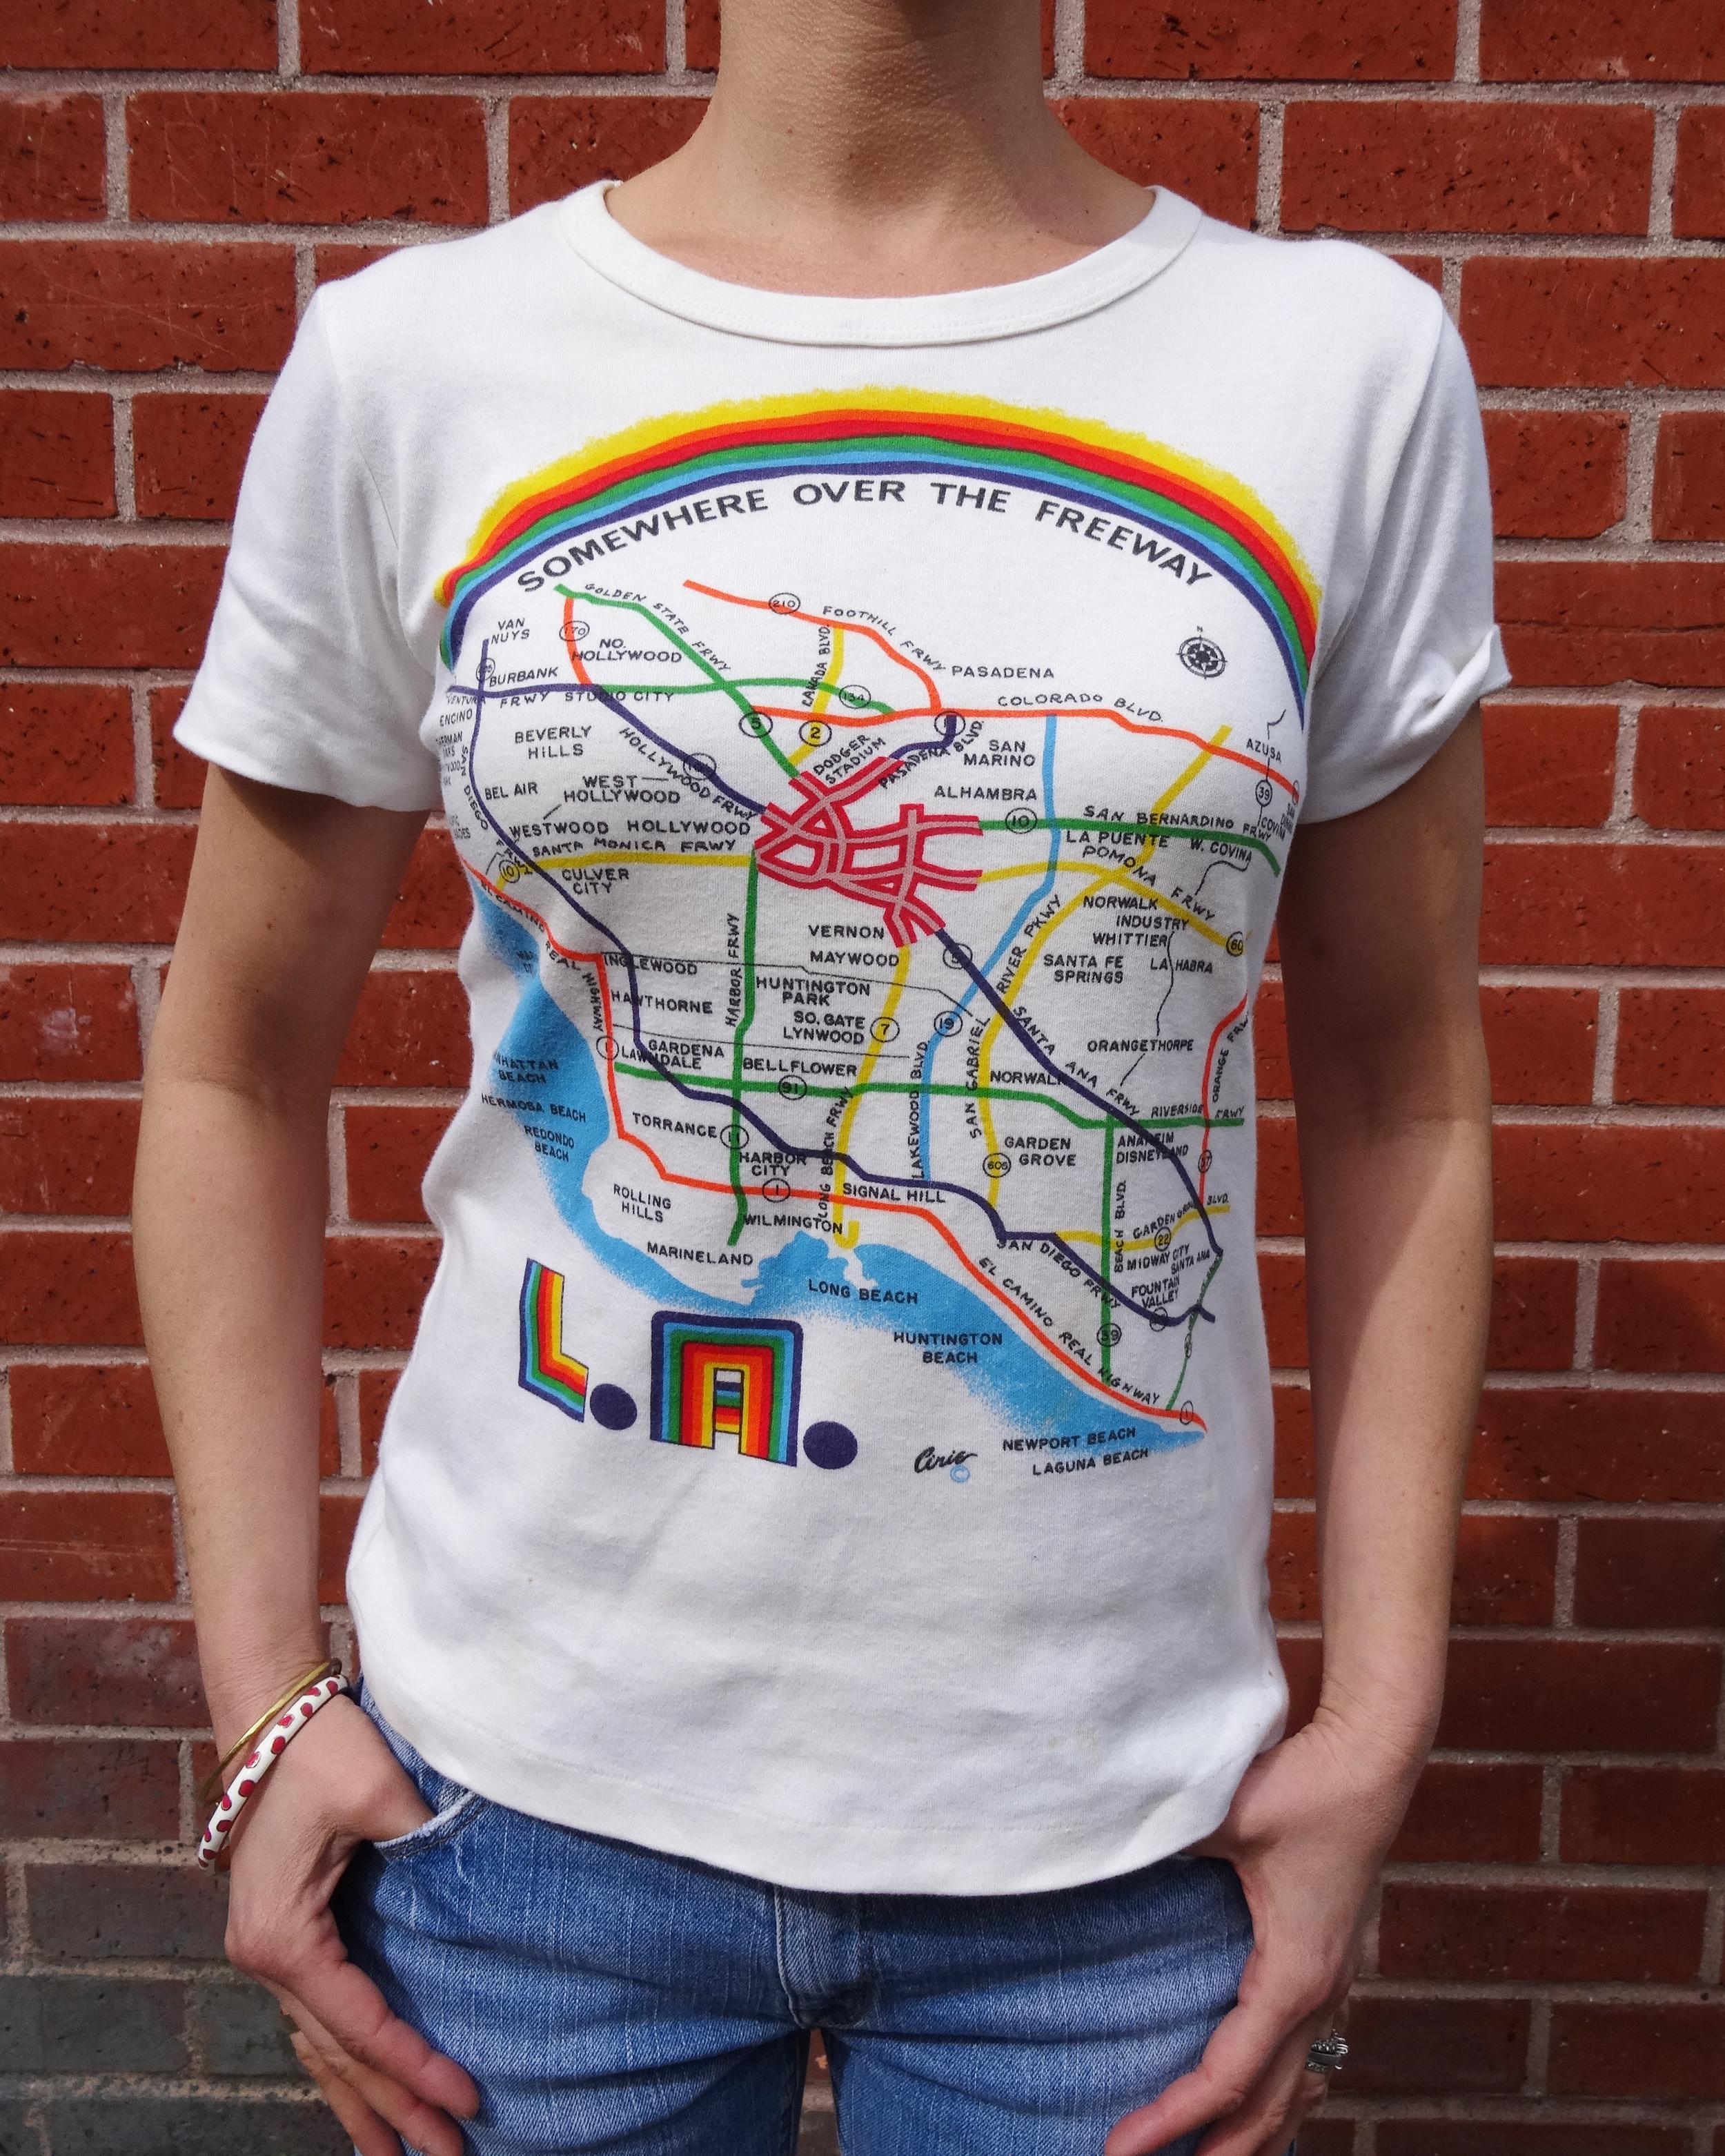 VIntage LA tee shirt